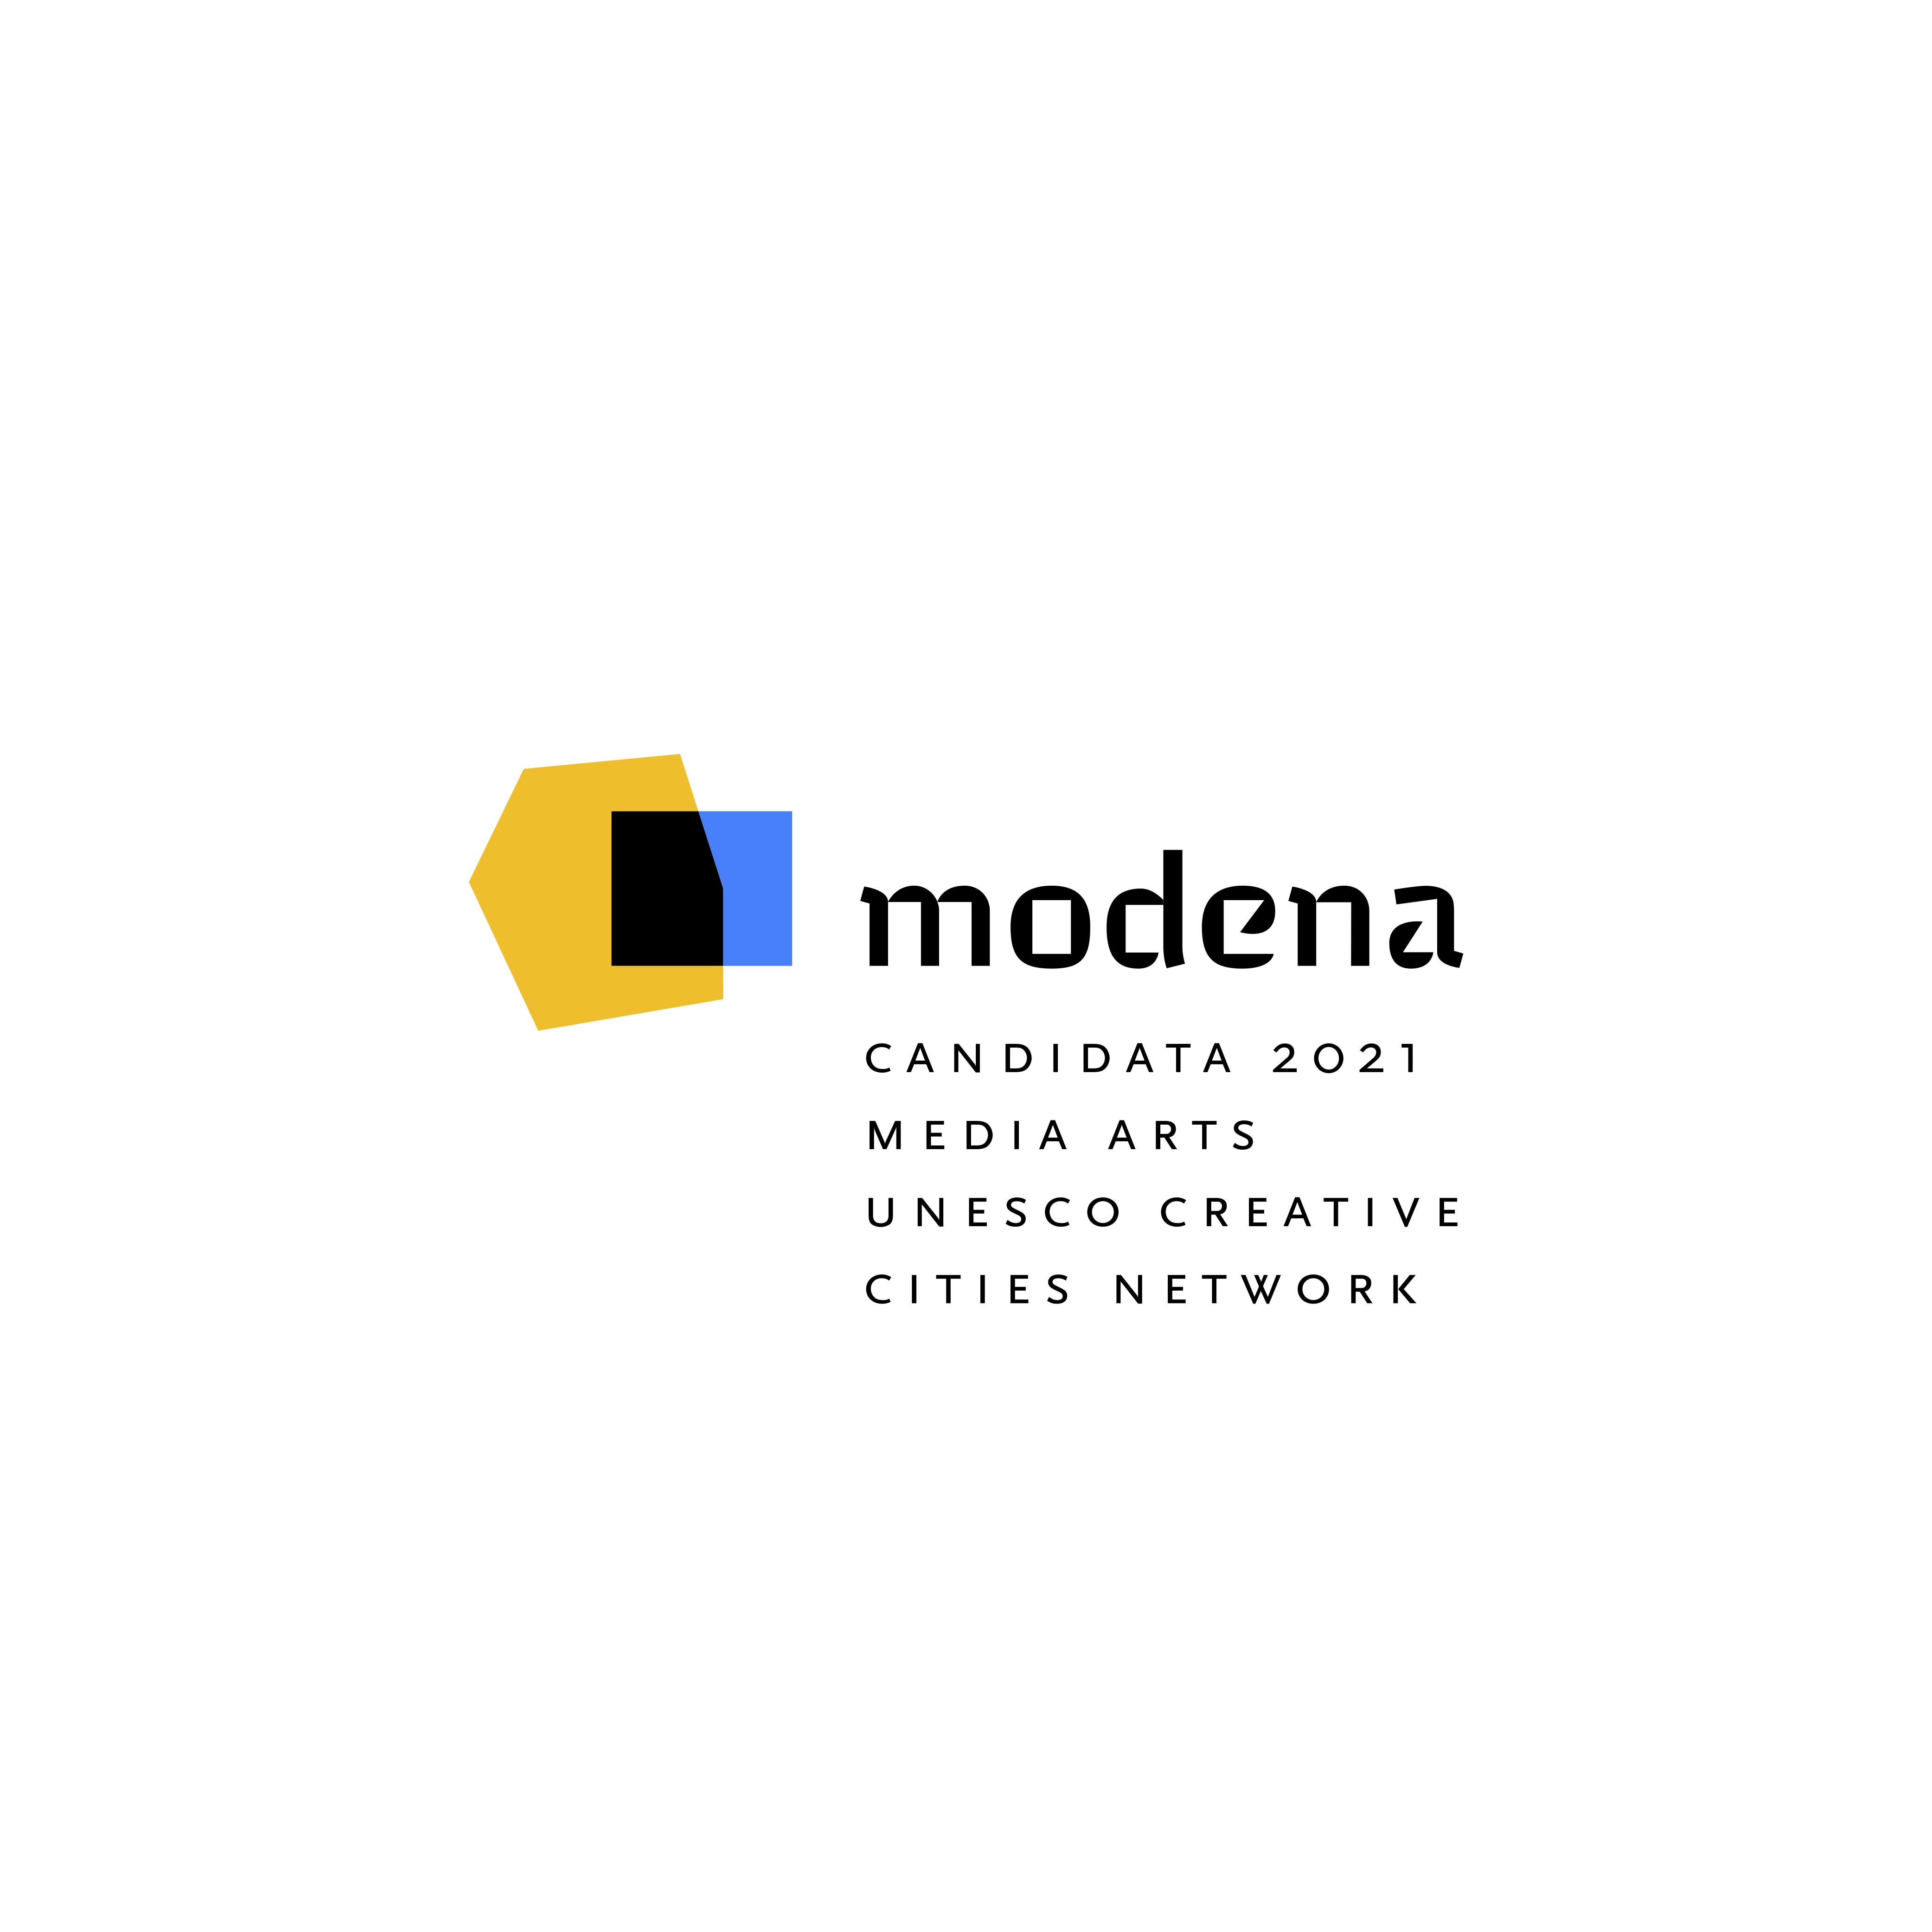 MODENA SI CANDIDA A CITTÀ CREATIVA UNESCO MEDIA ARTS 2021